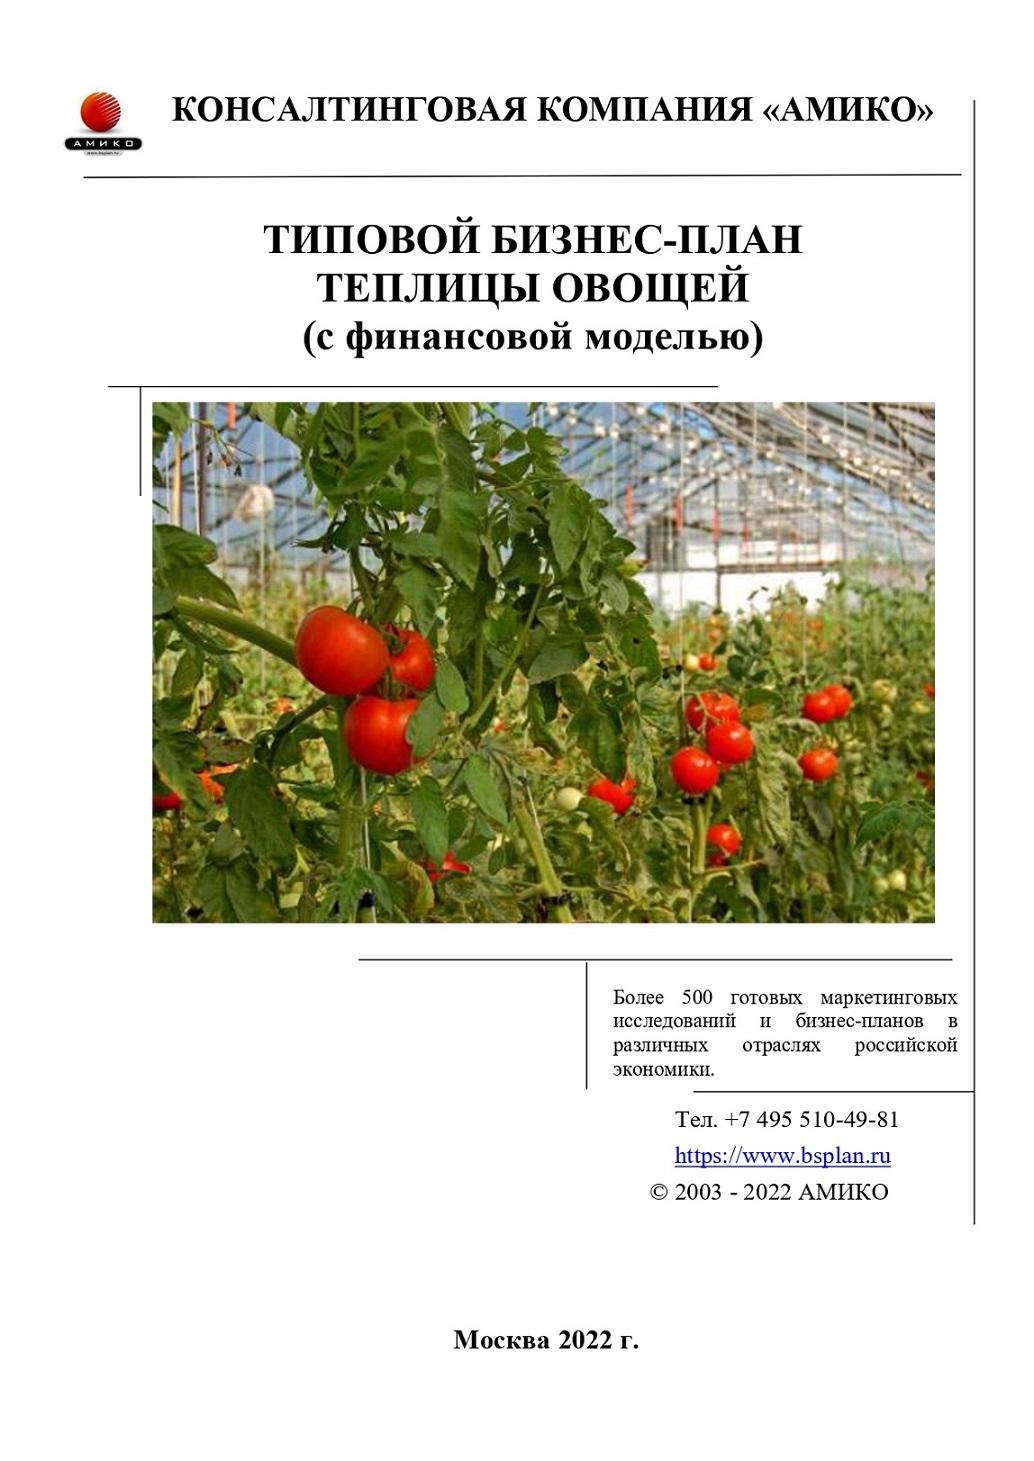 Бизнес по выращиванию овощей - бизнес-план, как начать с нуля 8